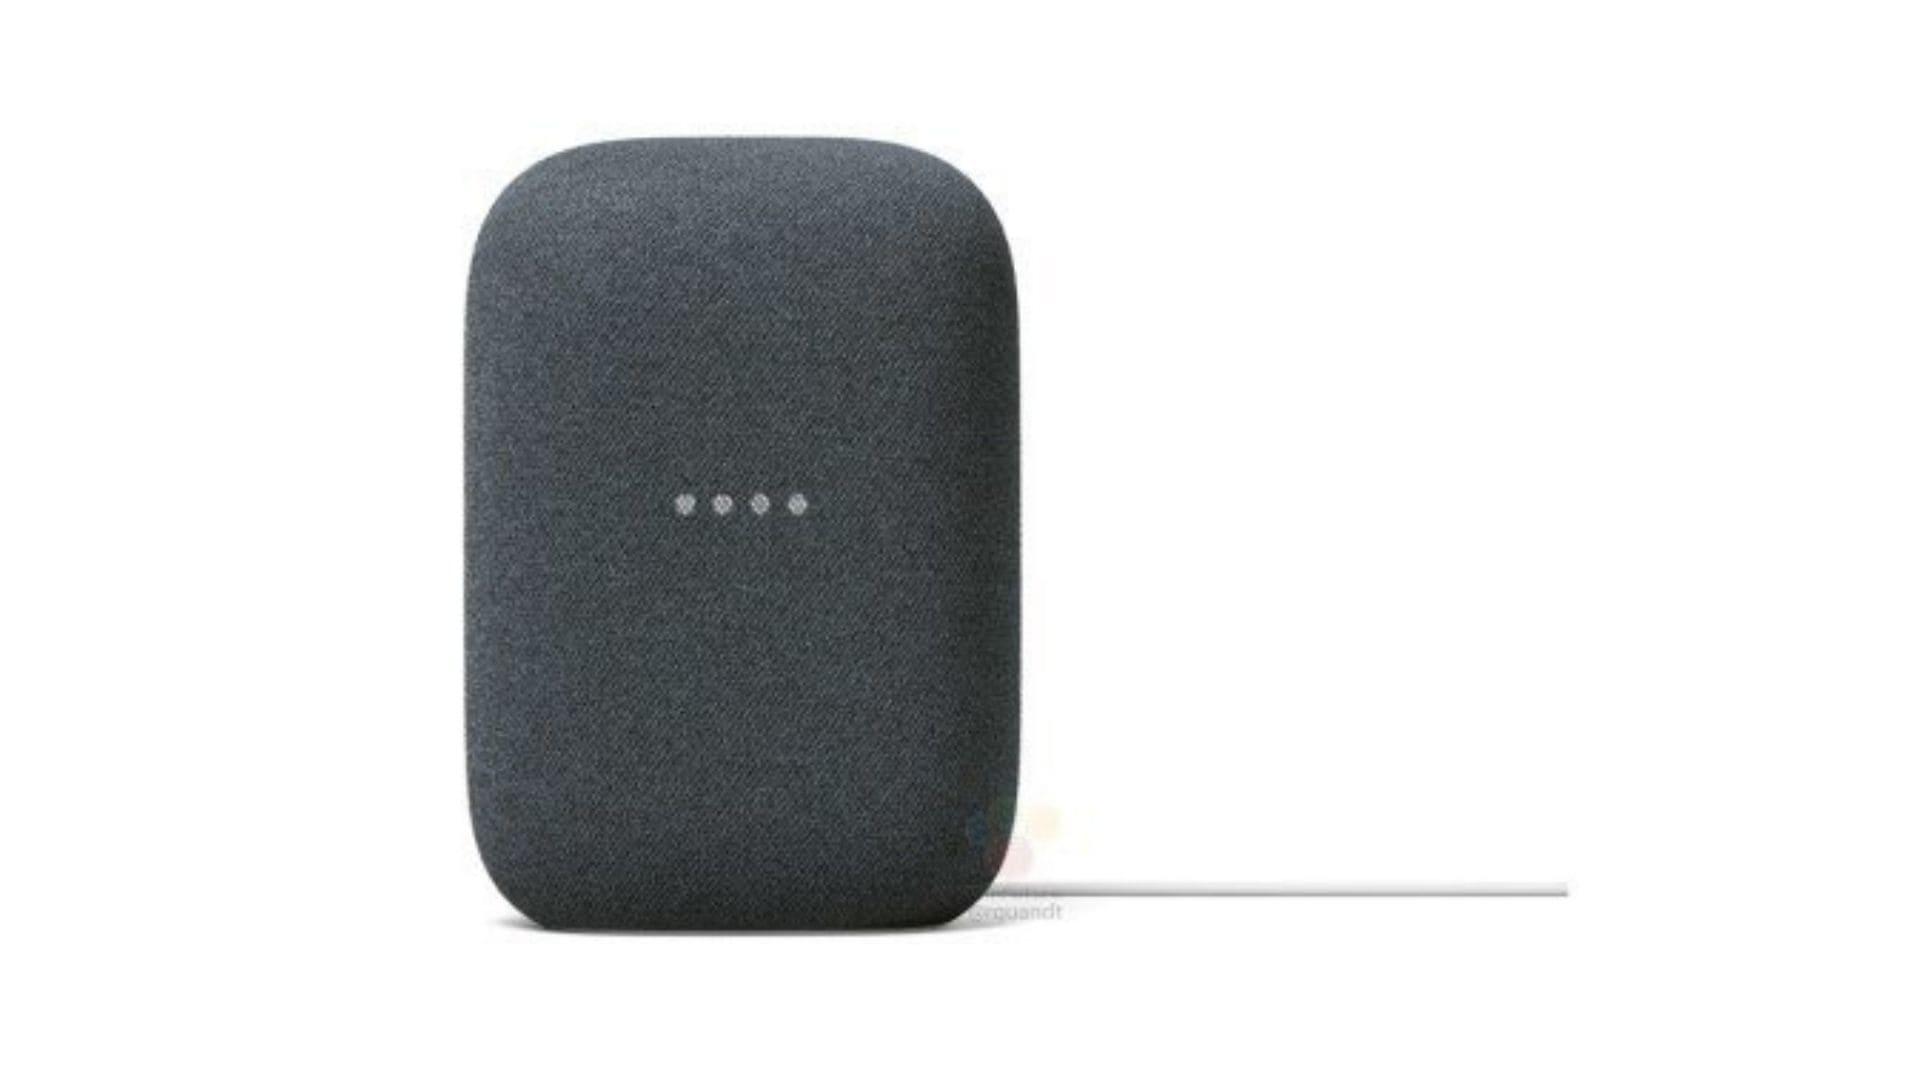 Google Nest smart speaker.